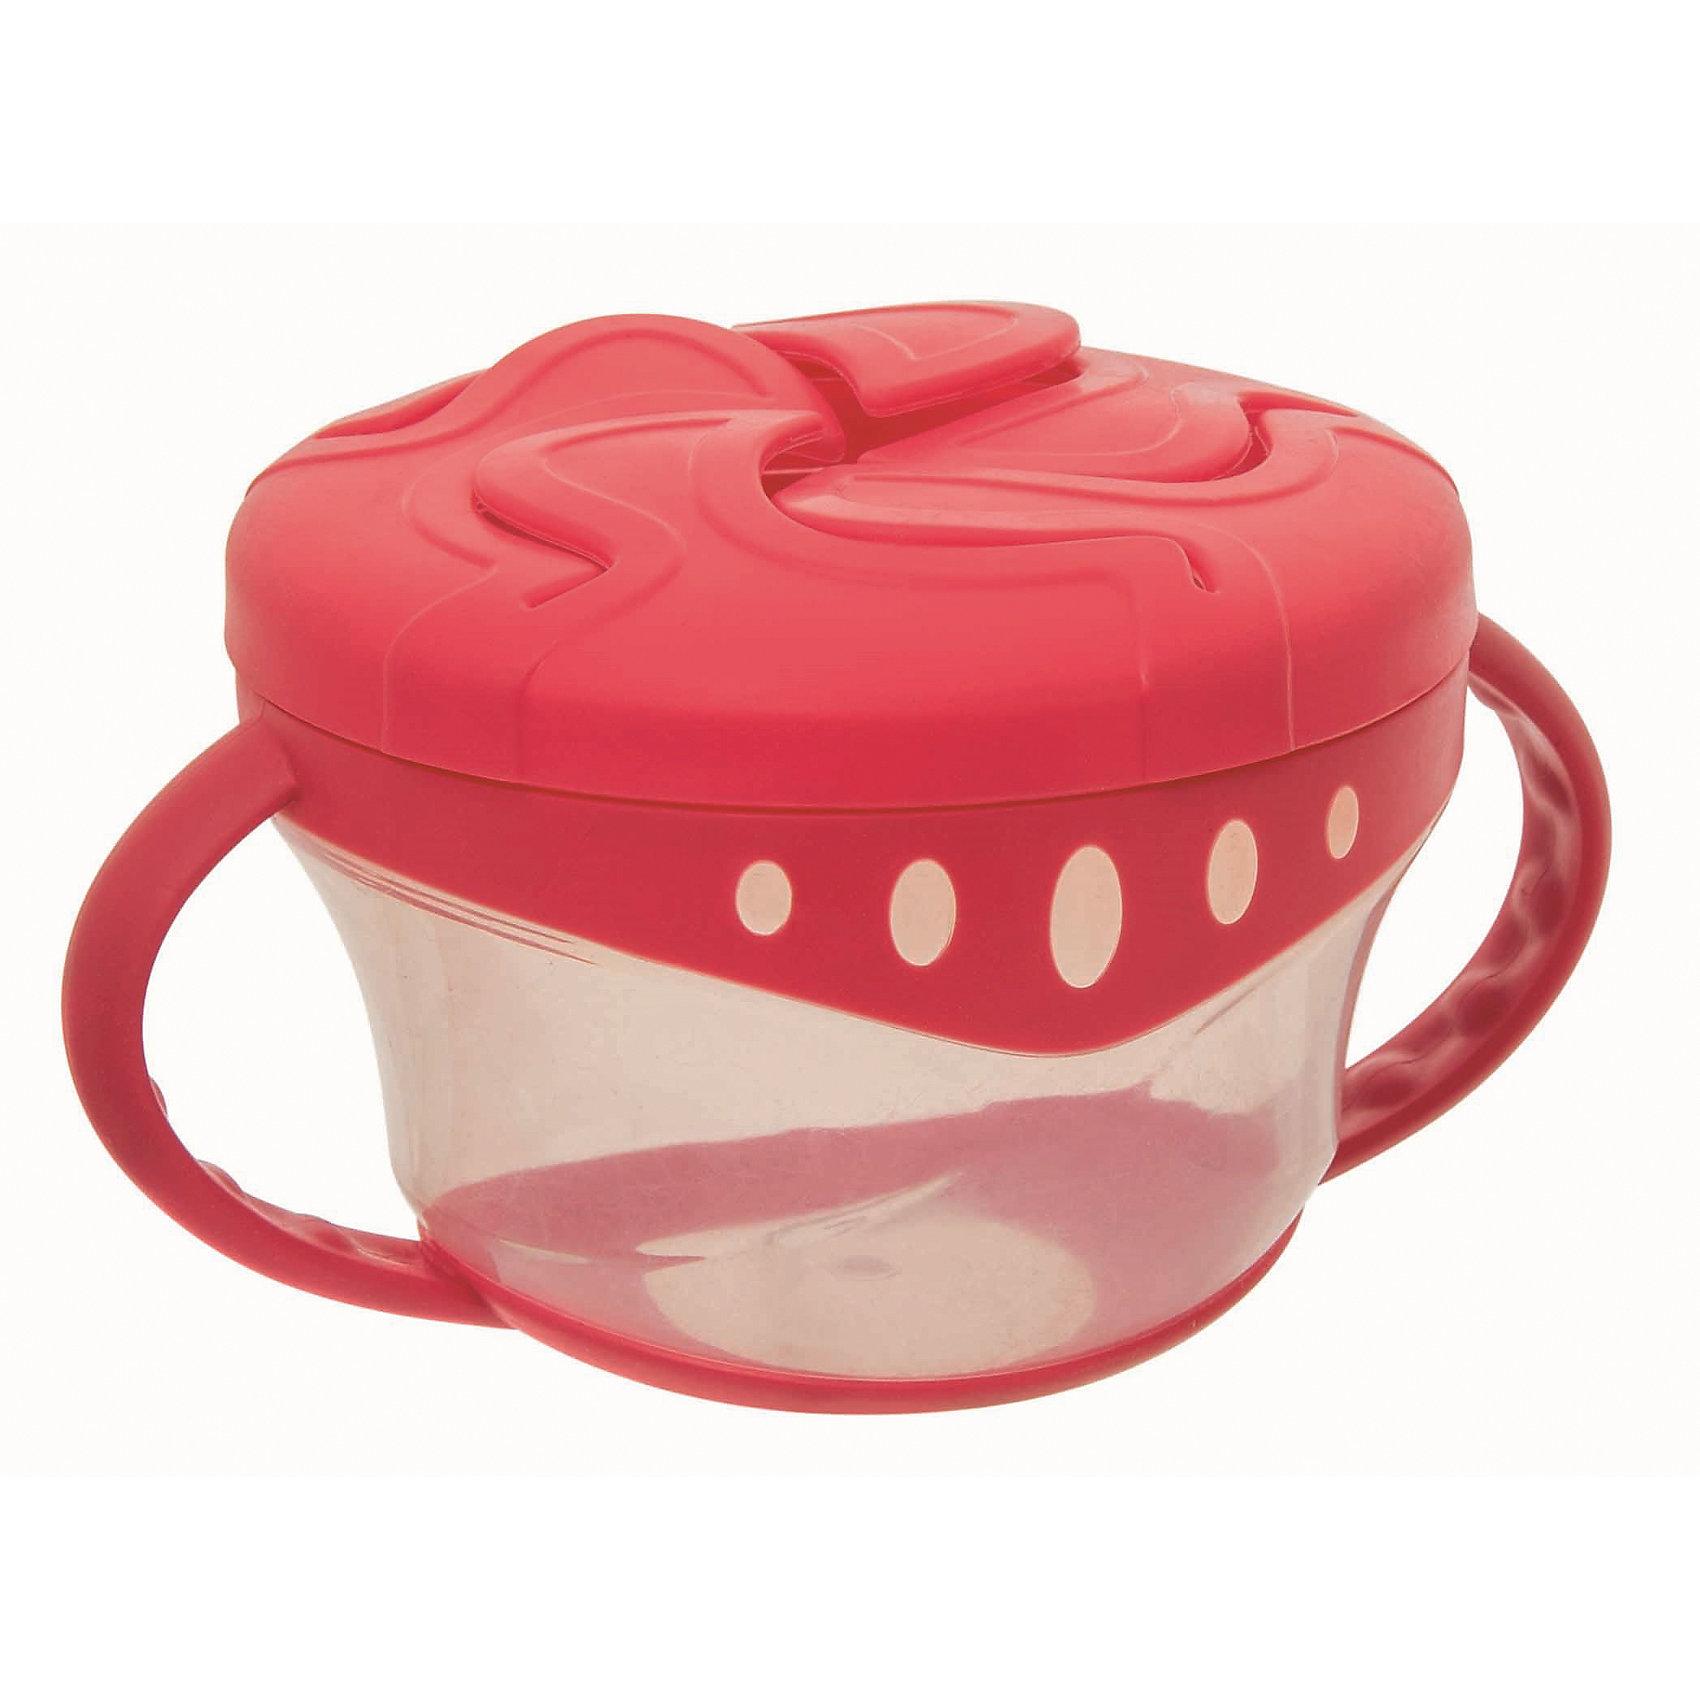 Чашка для сухих завтраков, Мир Детства, красныйЧашка для сухих завтраков разработана специально  для хранения детских закусок: печенья, сушек, сухариков.<br>Пластичные лепестки крышки удерживают содержимое чашки таким образом, чтобы малыш мог легко до него добраться, ничего не просыпав. Прозрачные стенки чашки позволяют контролировать объем оставшейся пищи.<br>Легкая компактная чашка особенно удобна в путешествиях. Подходит для ежедневного использования. незаменима как дома, так и на прогулках<br>Запрещено стерилизовать и разогревать в СВЧ-печи.<br>Разрешено мыть в посудомоечной машине только в верхнем отделении.<br>Не содержит Бисфенол-А.<br><br>Ширина мм: 70<br>Глубина мм: 100<br>Высота мм: 190<br>Вес г: 80<br>Возраст от месяцев: 4<br>Возраст до месяцев: 24<br>Пол: Унисекс<br>Возраст: Детский<br>SKU: 5439963